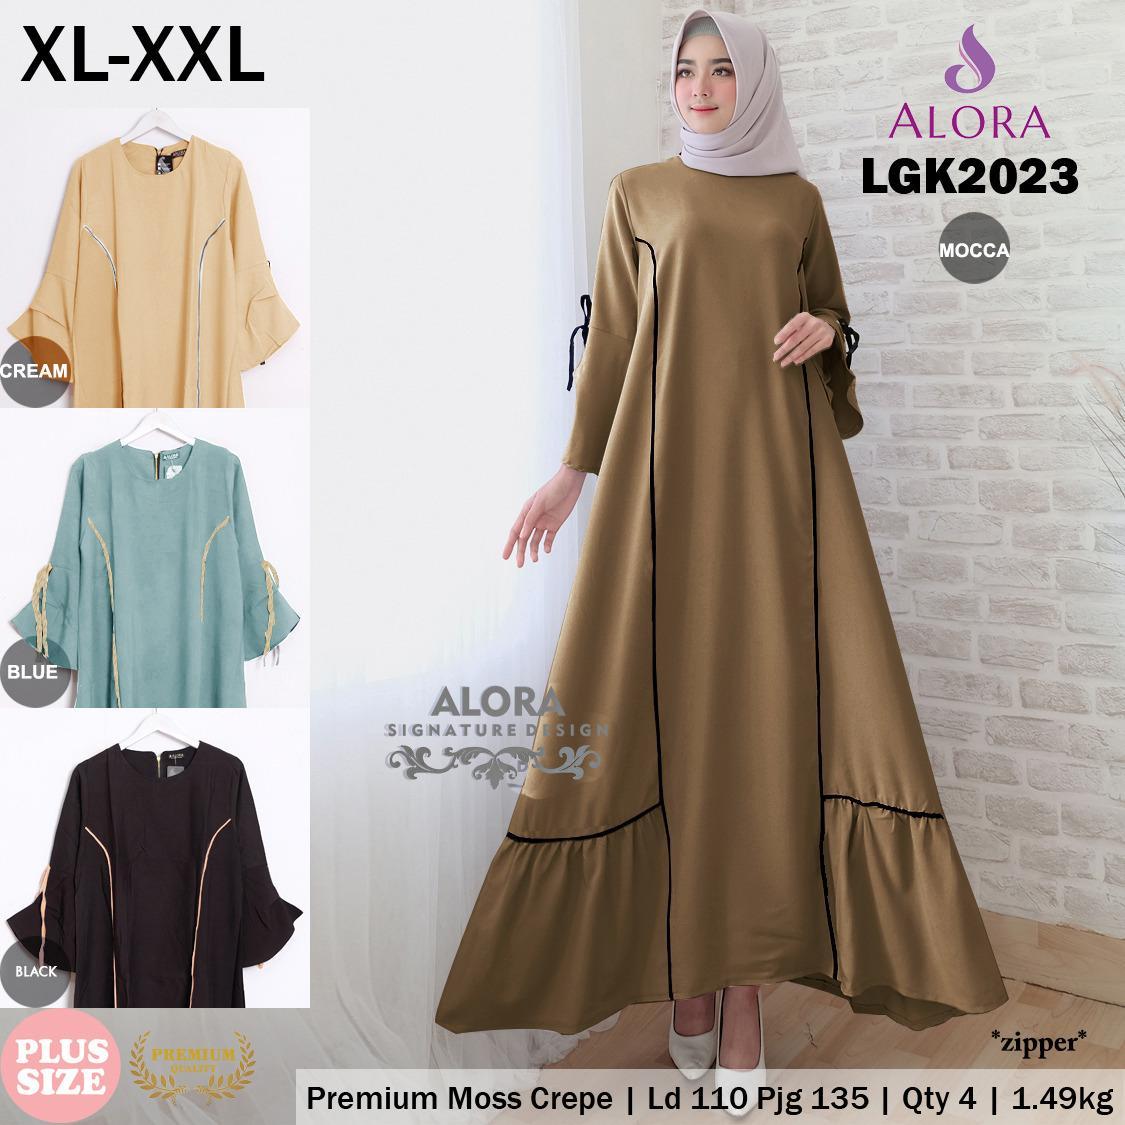 RATU SHOPPING Gamis baju muslim wanita trendy lgk2023 XL XXL jumbo big size jumbo size